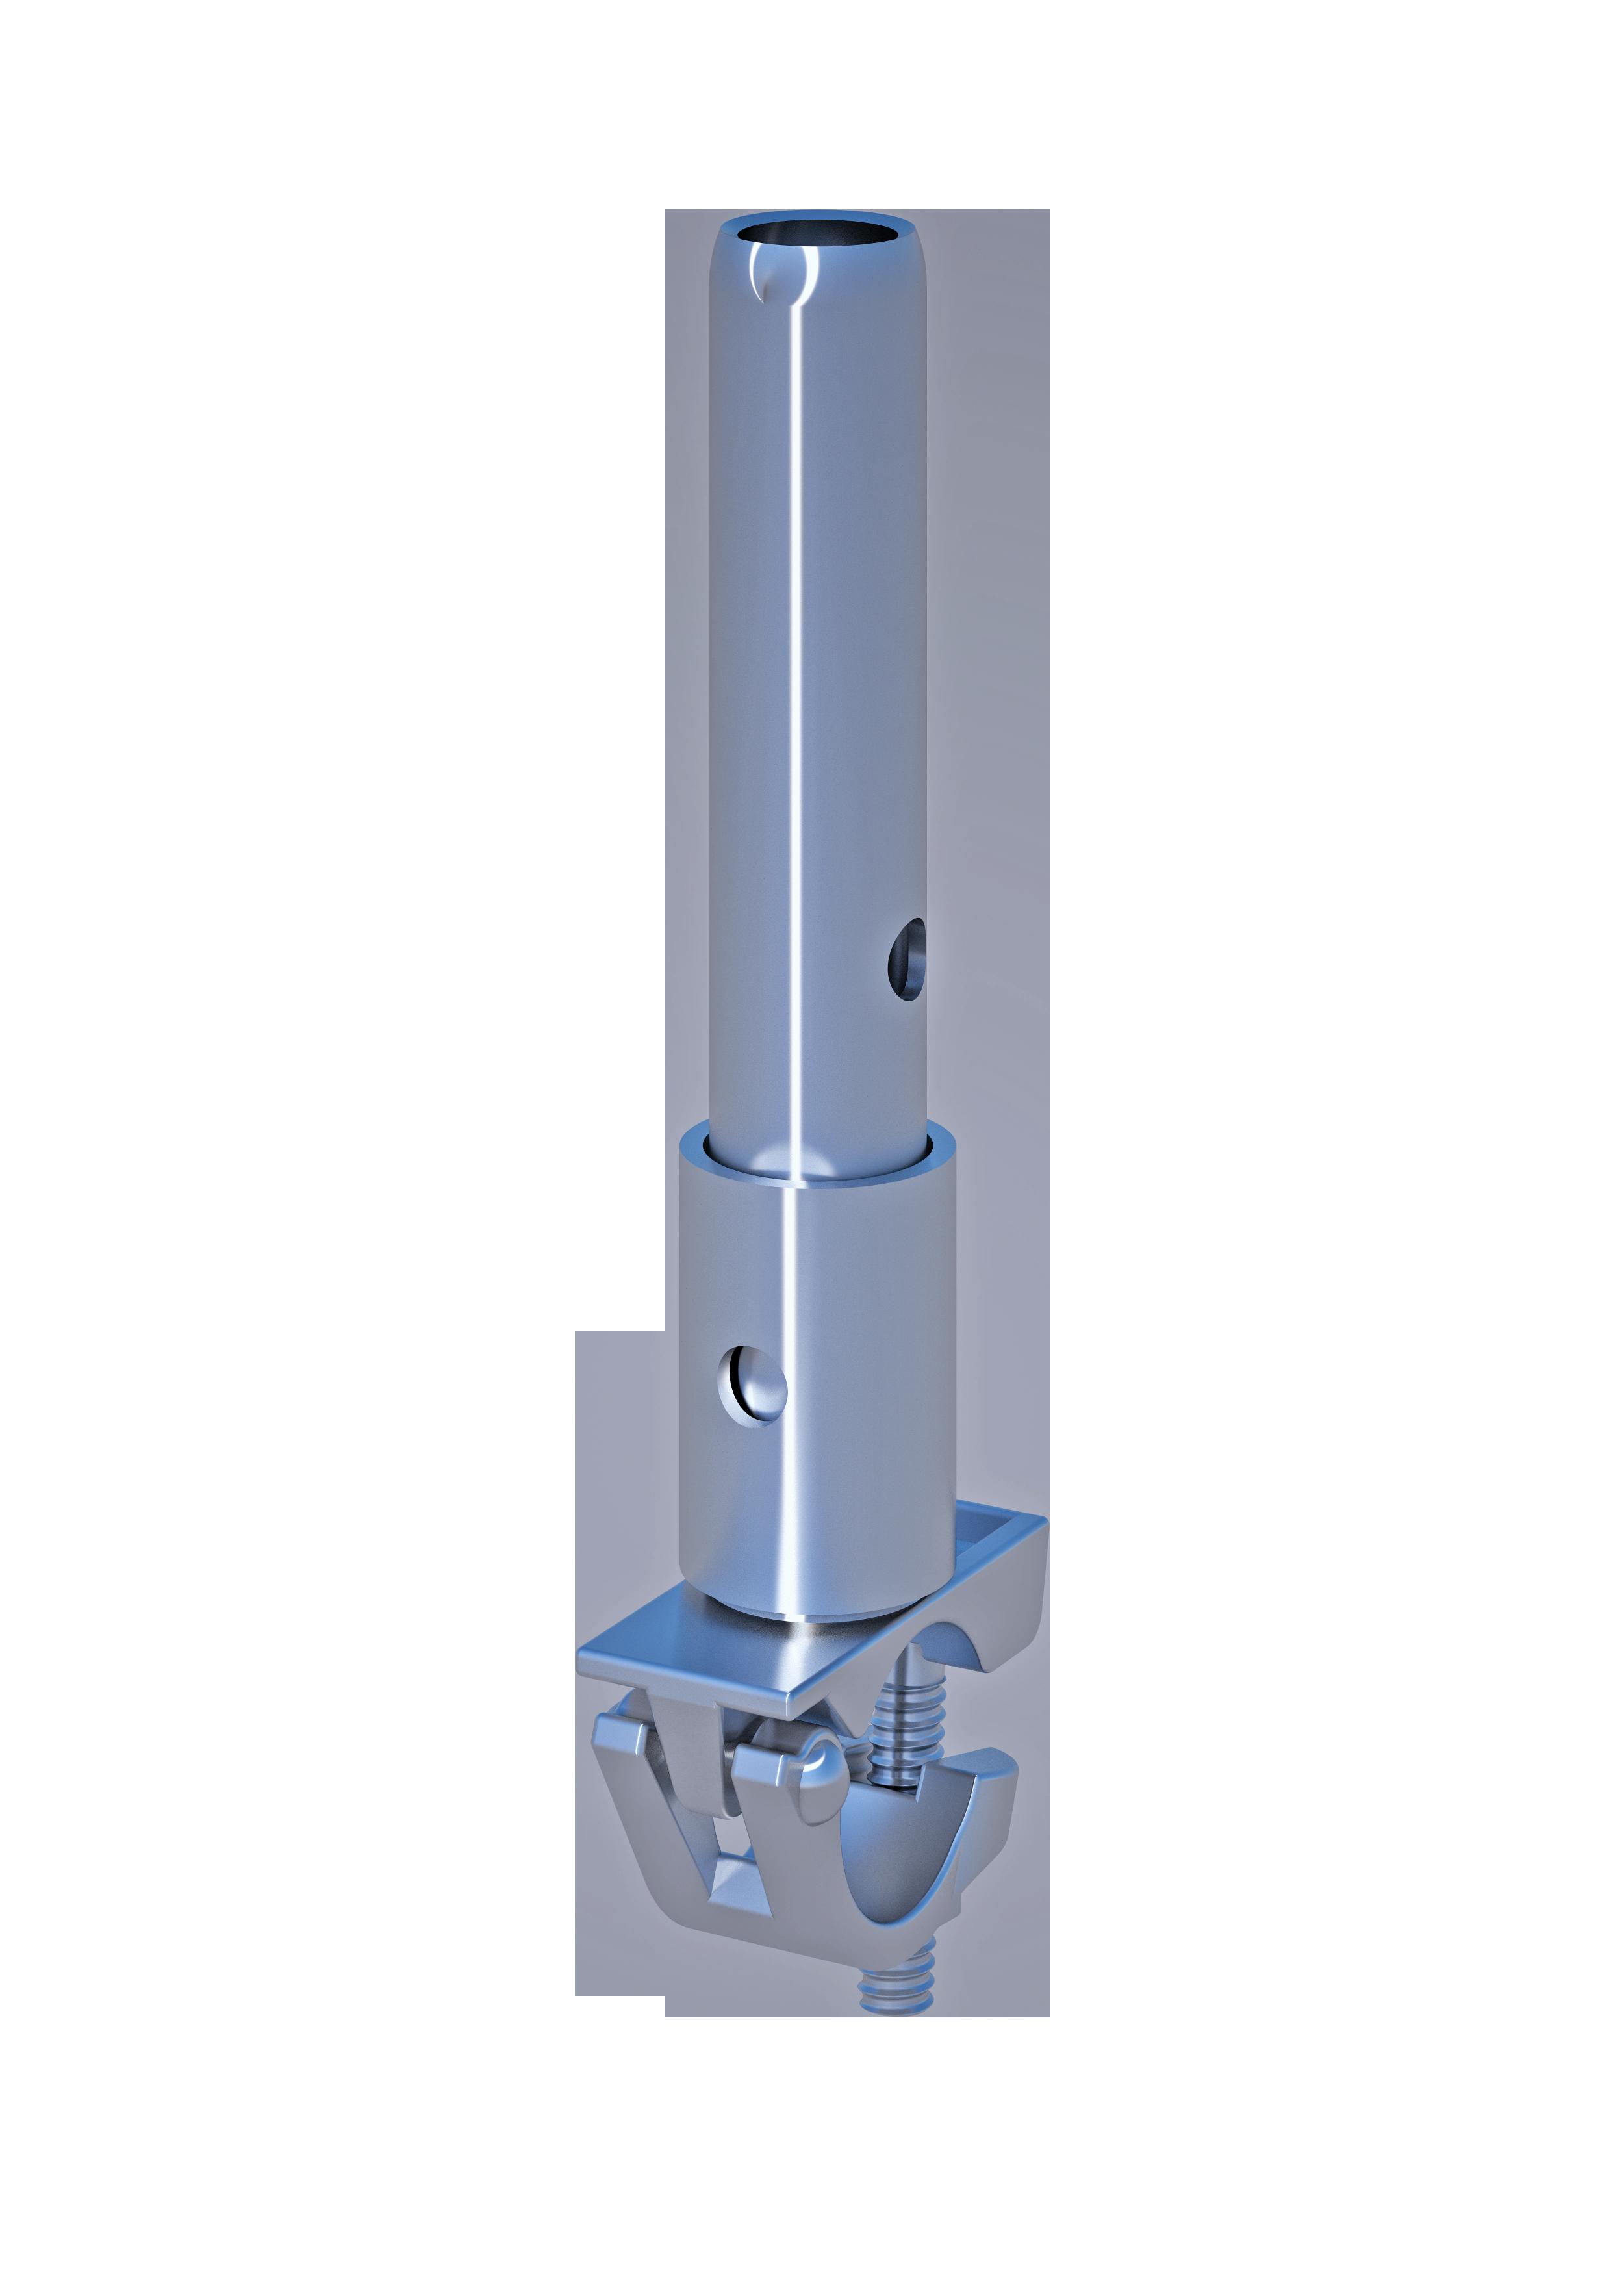 Rohrverbinder mit Halbkupplung, 48.3 mm, SW 22mm